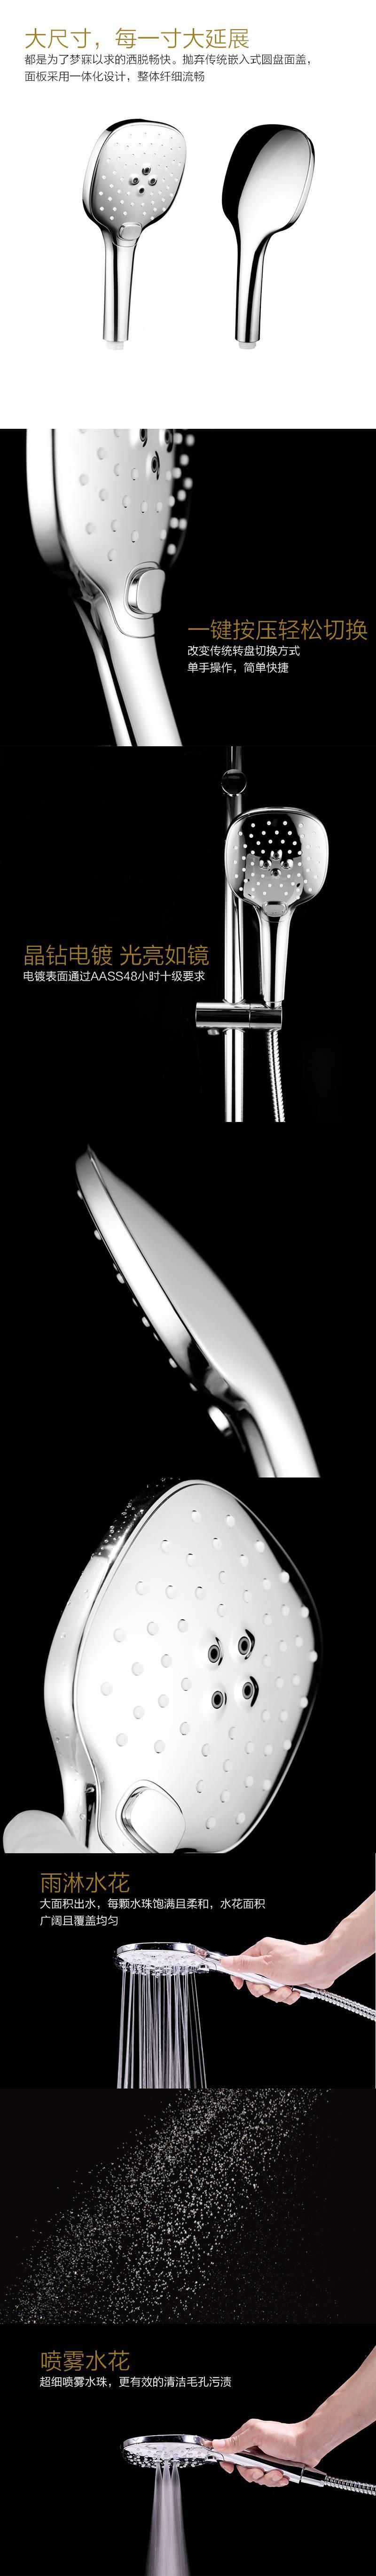 水鹿卫浴-淋浴-恒温-三荣日本进口三荣电镀恒温龙头(小美)+T品牌同厂同款淋浴柱